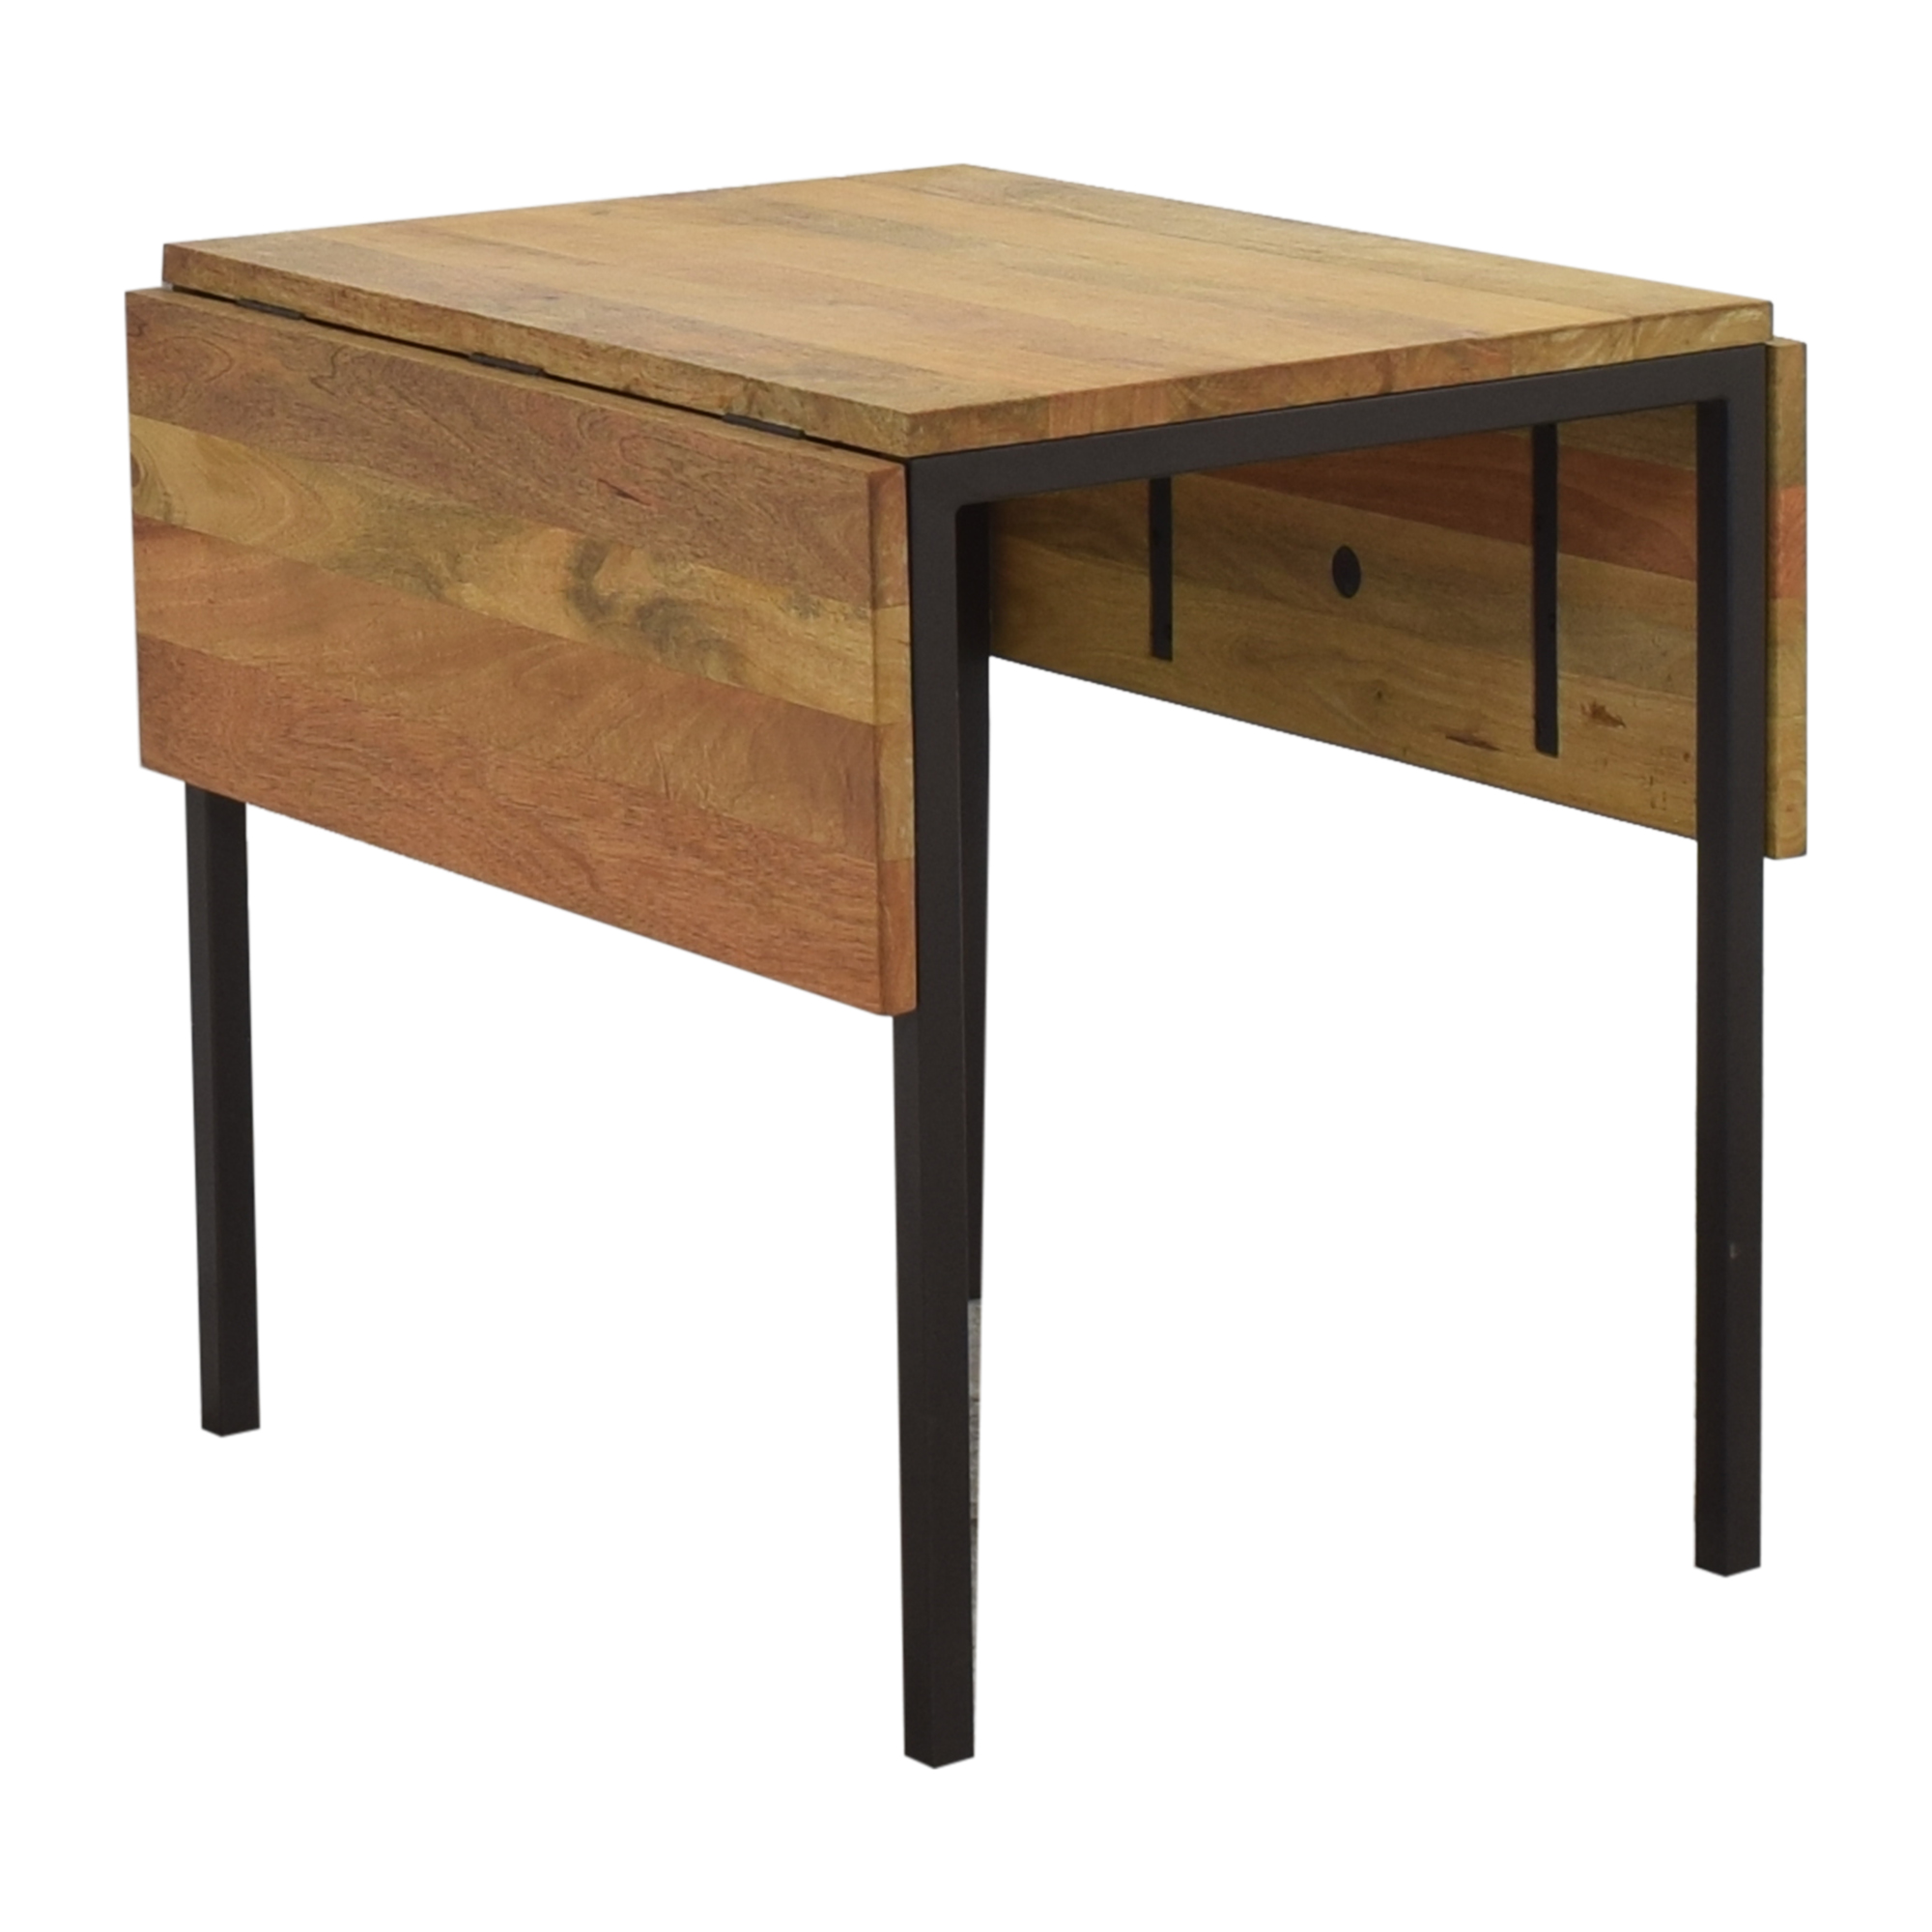 West Elm West Elm Box Frame Drop Leaf Expandable Table on sale